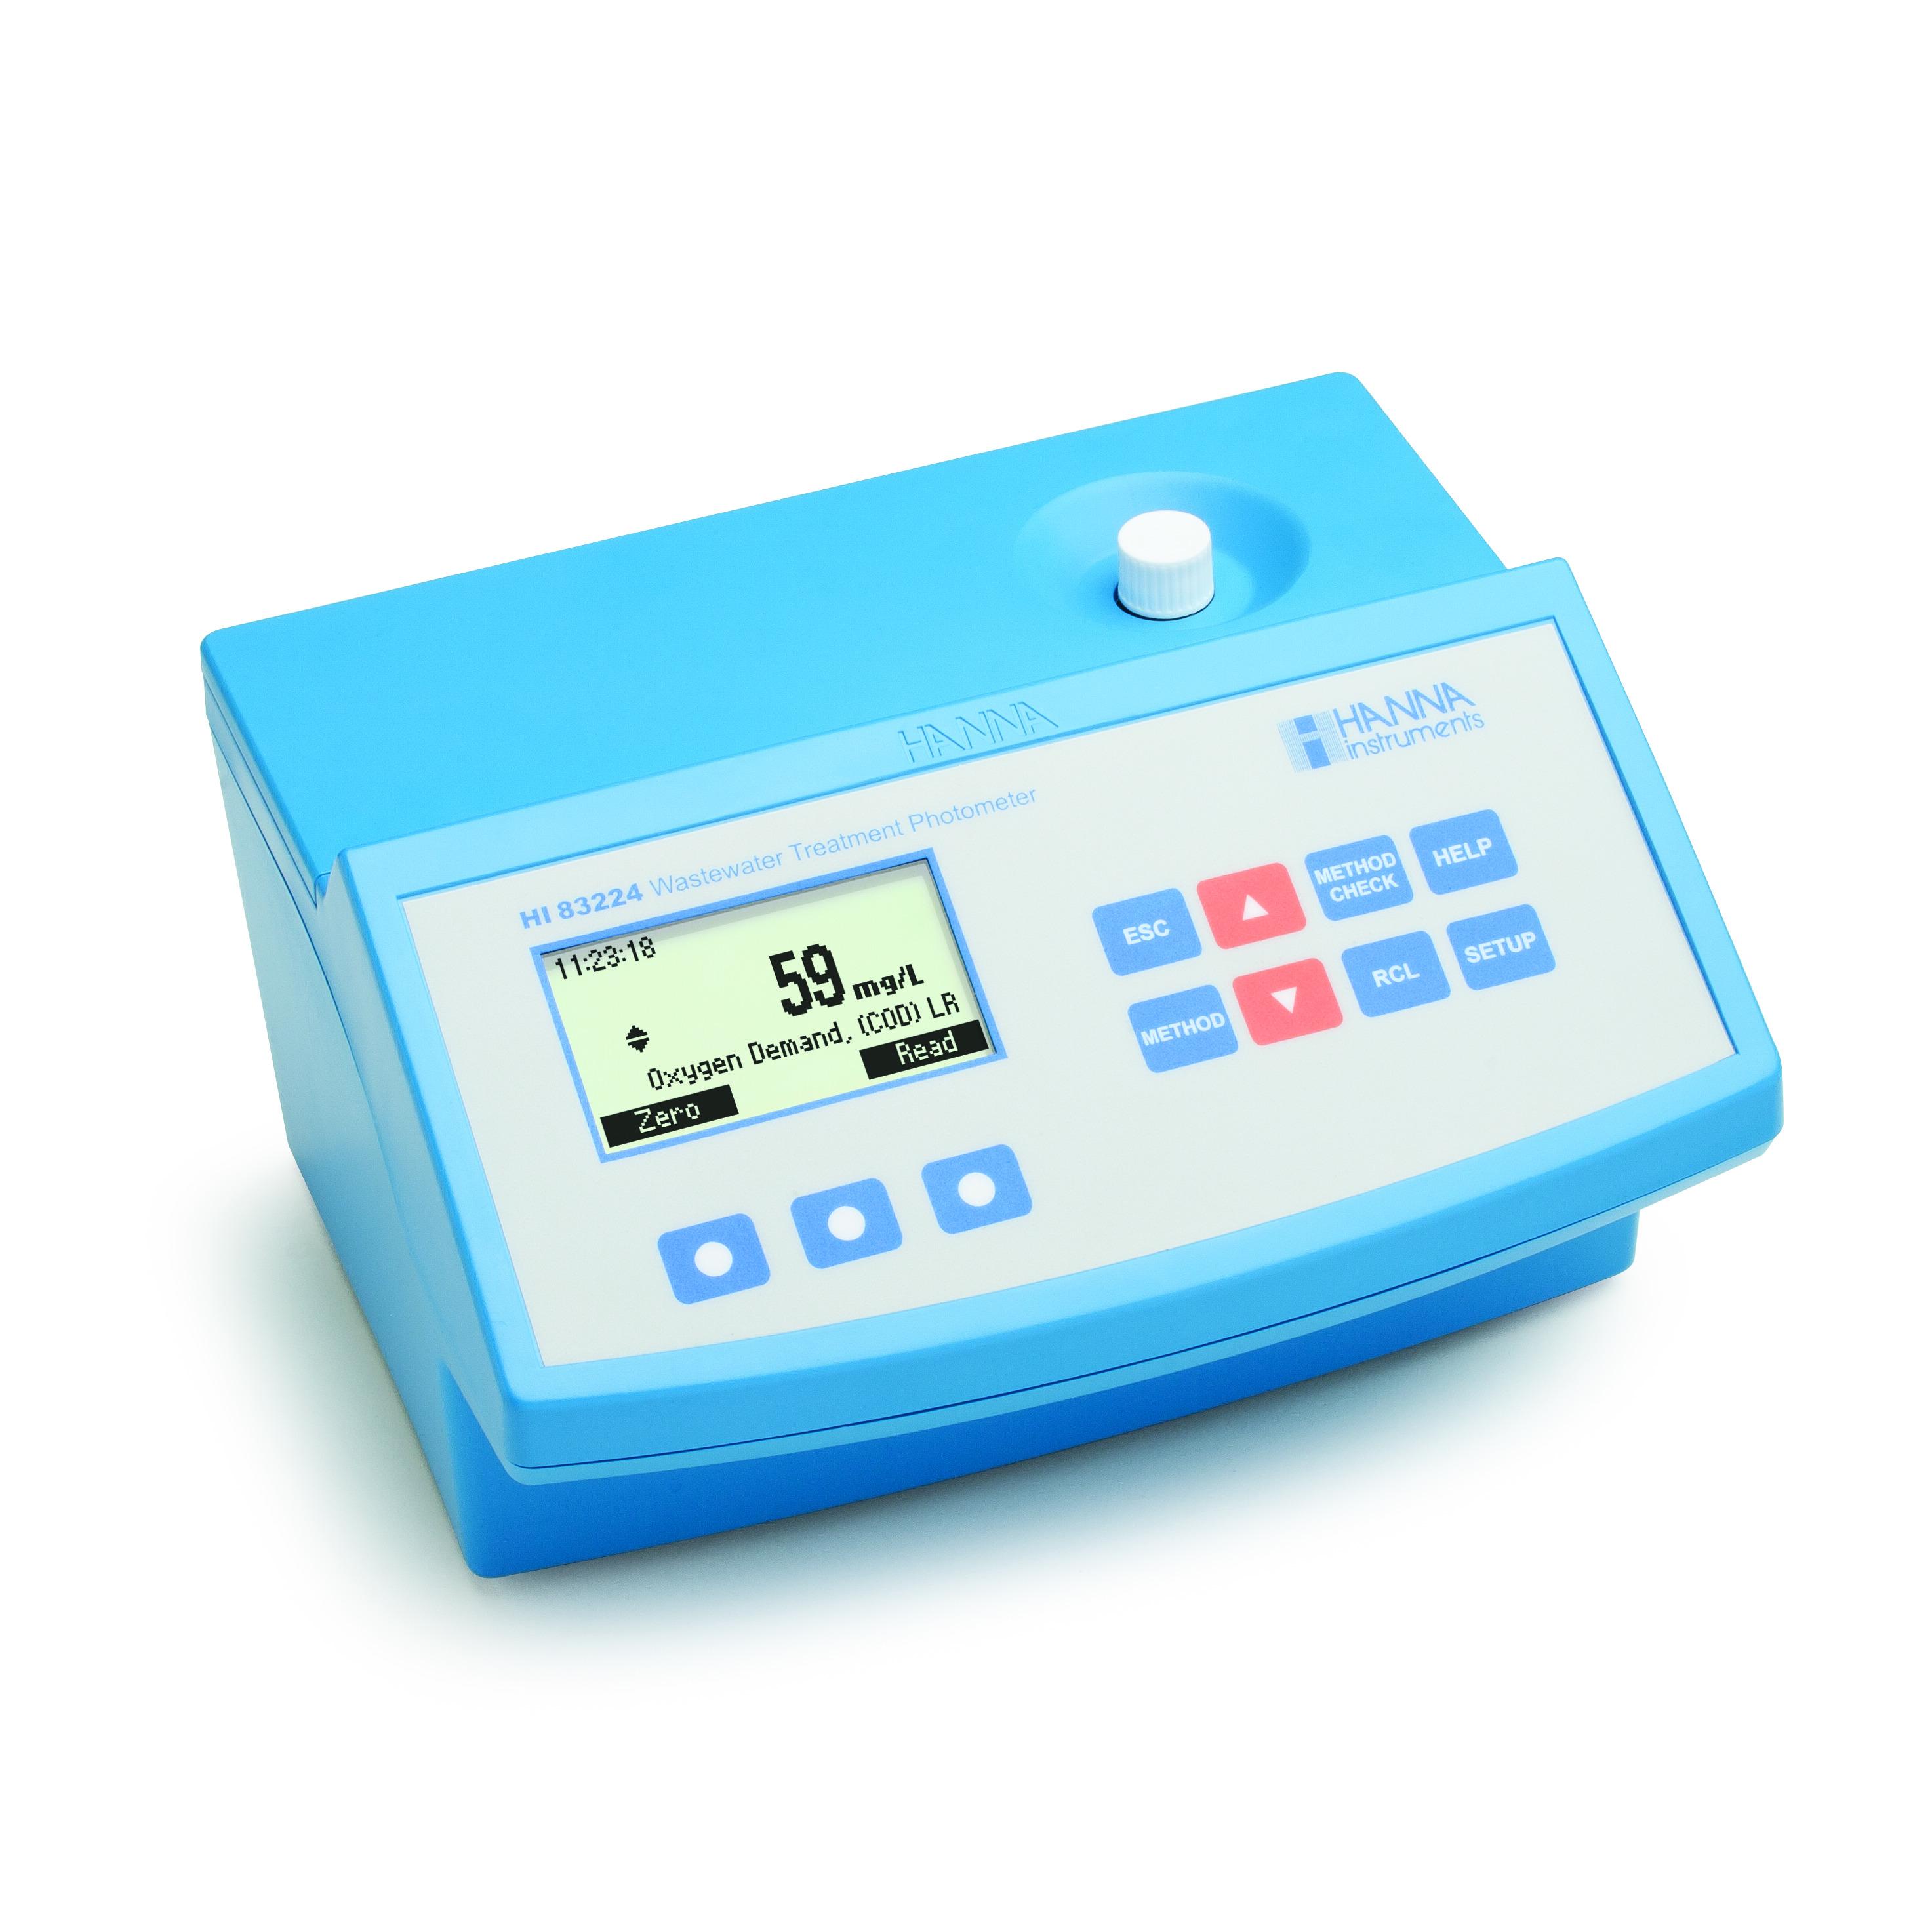 [:lt]COD Fotometras su brūkšninių kodų atpažinimo sistema nuotekų analizei - HI83224[:en]COD Photometer with Barcode Recognition for Wastewater Analysis - HI83224[:]